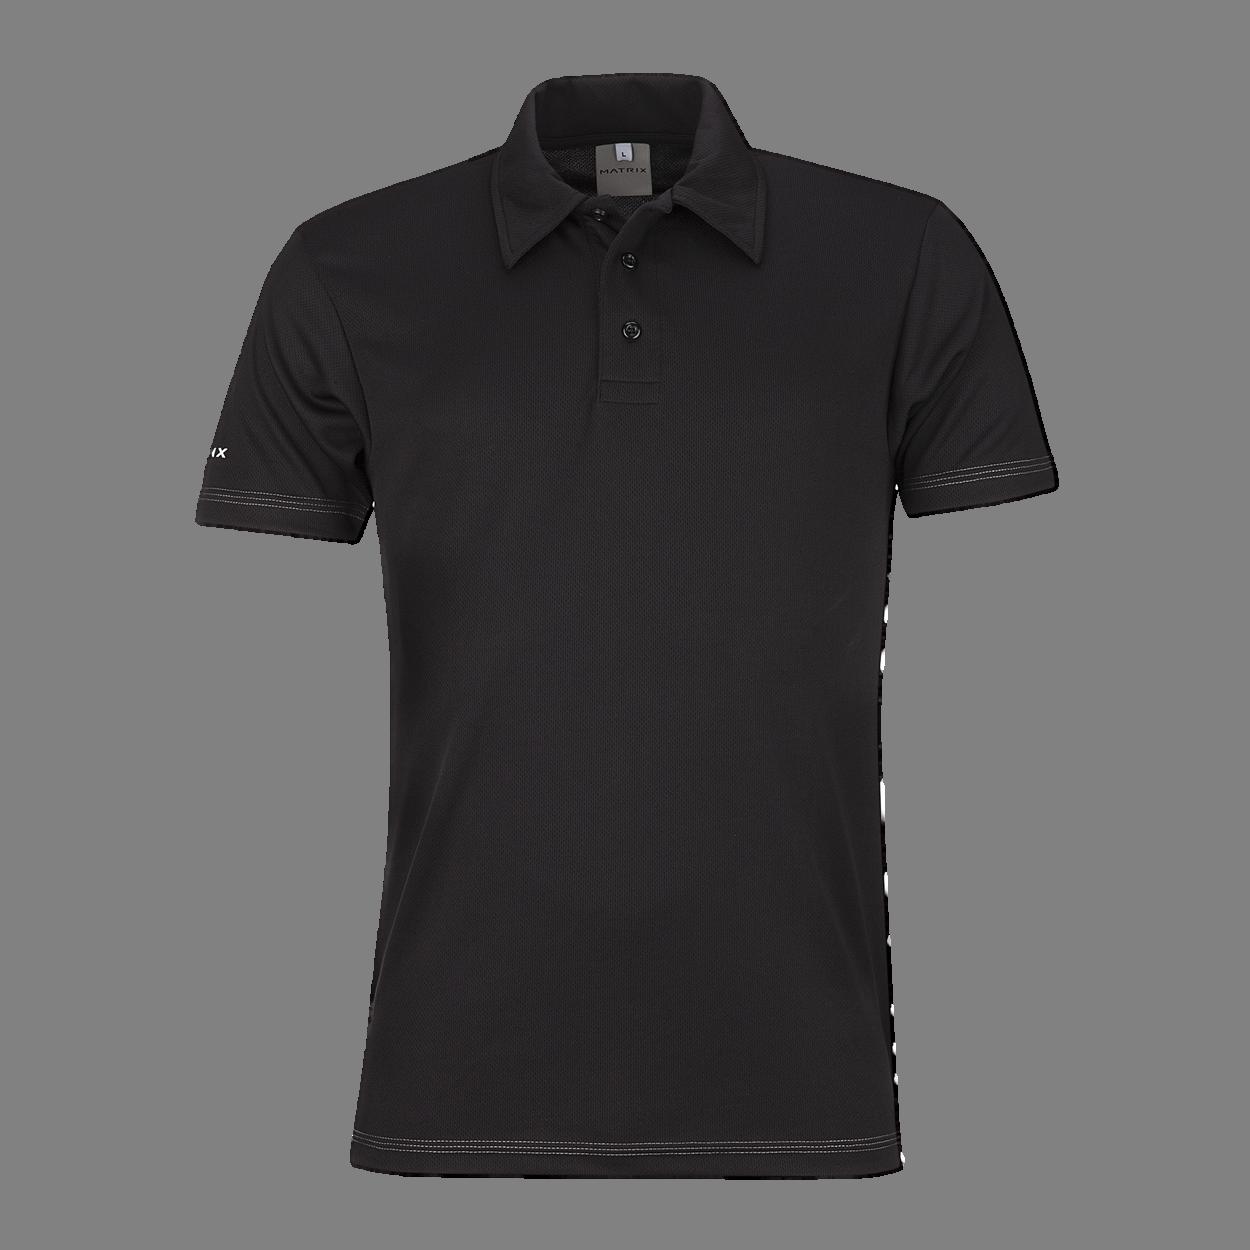 Black Kolar Polo Shirt PNG Image.